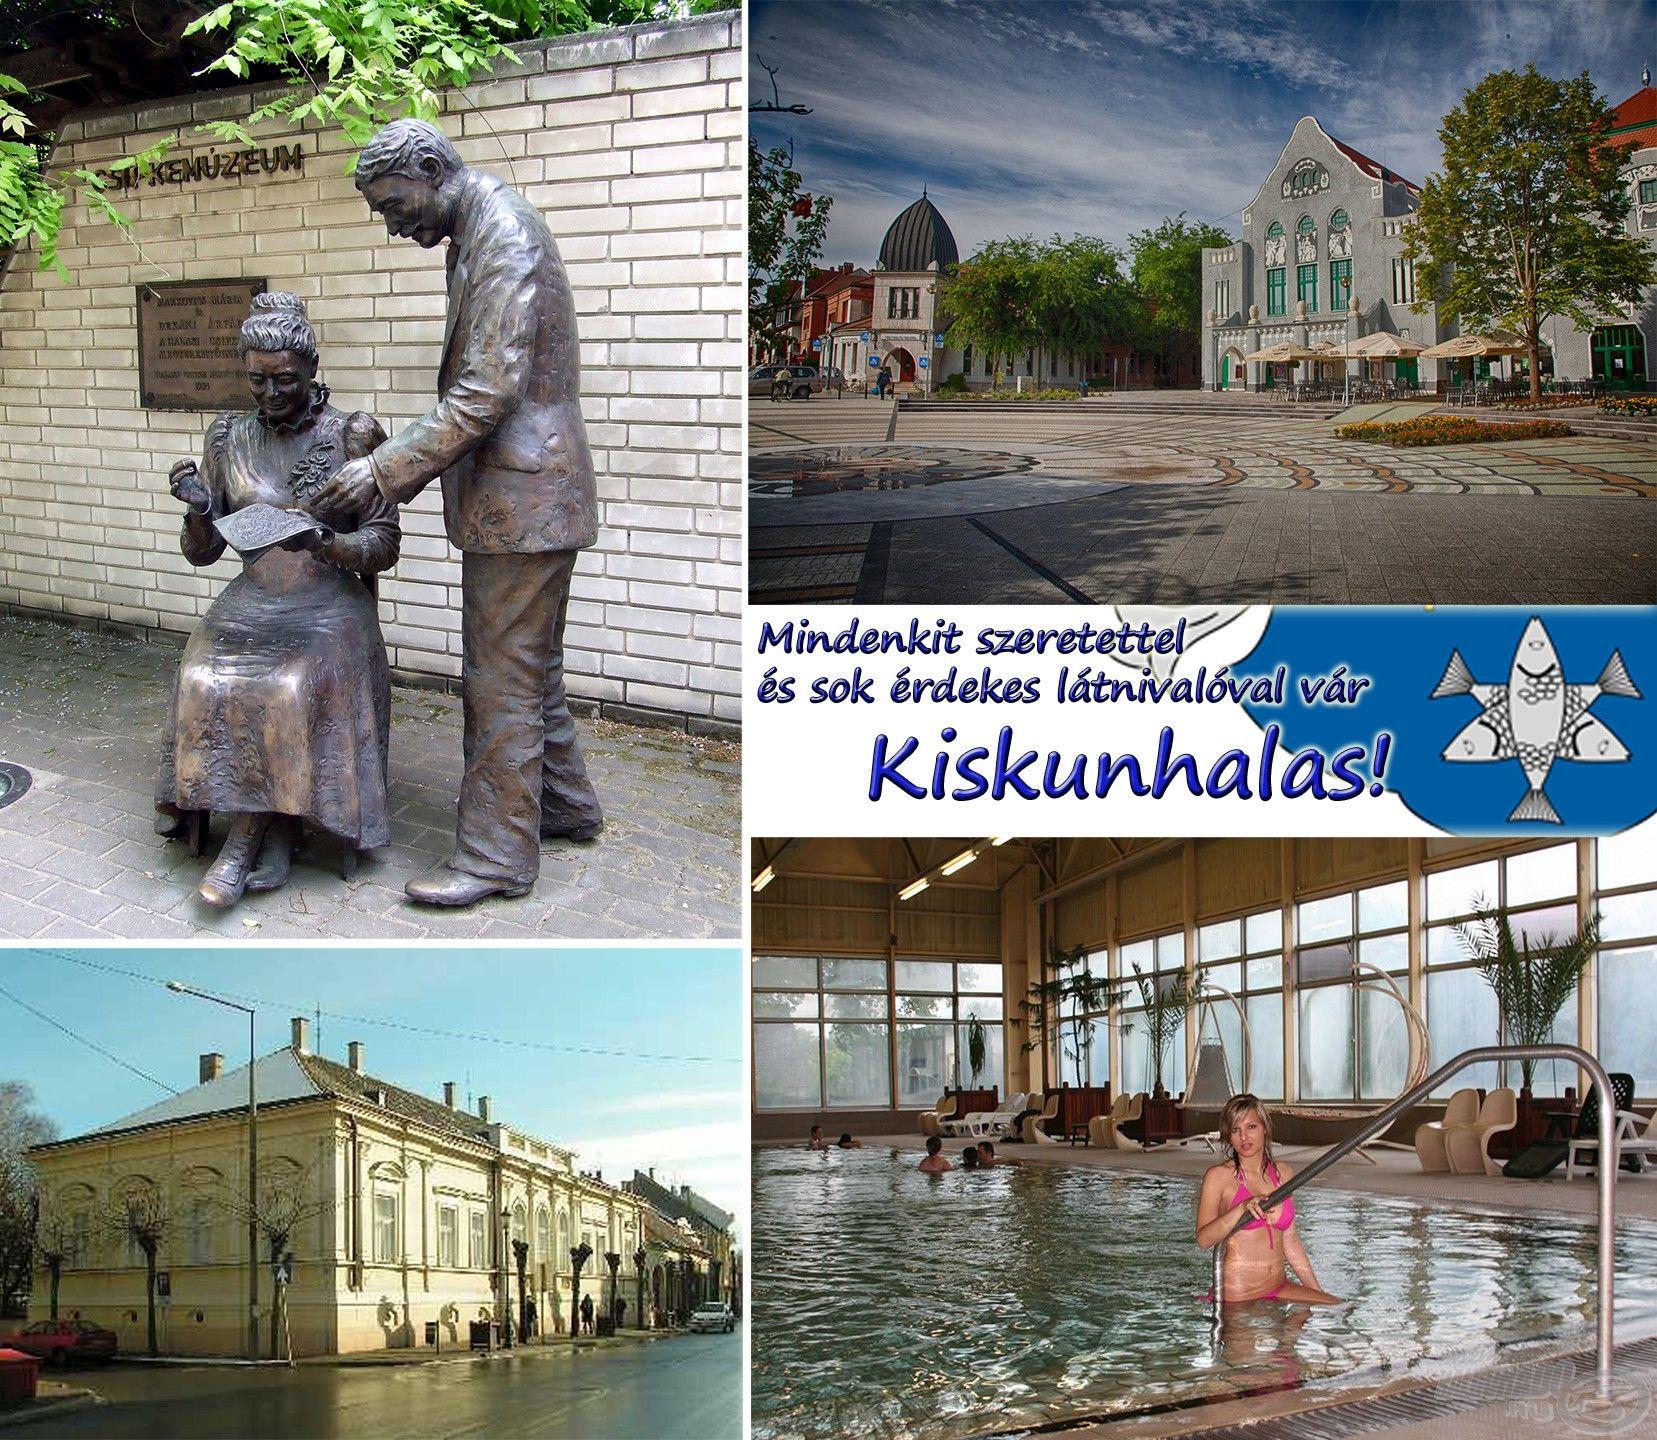 Kiskunhalas egy kicsi, de rendkívül vendégszerető város, ahol nem csak a horgászok találhatnak érdekességeket és remek programokat!